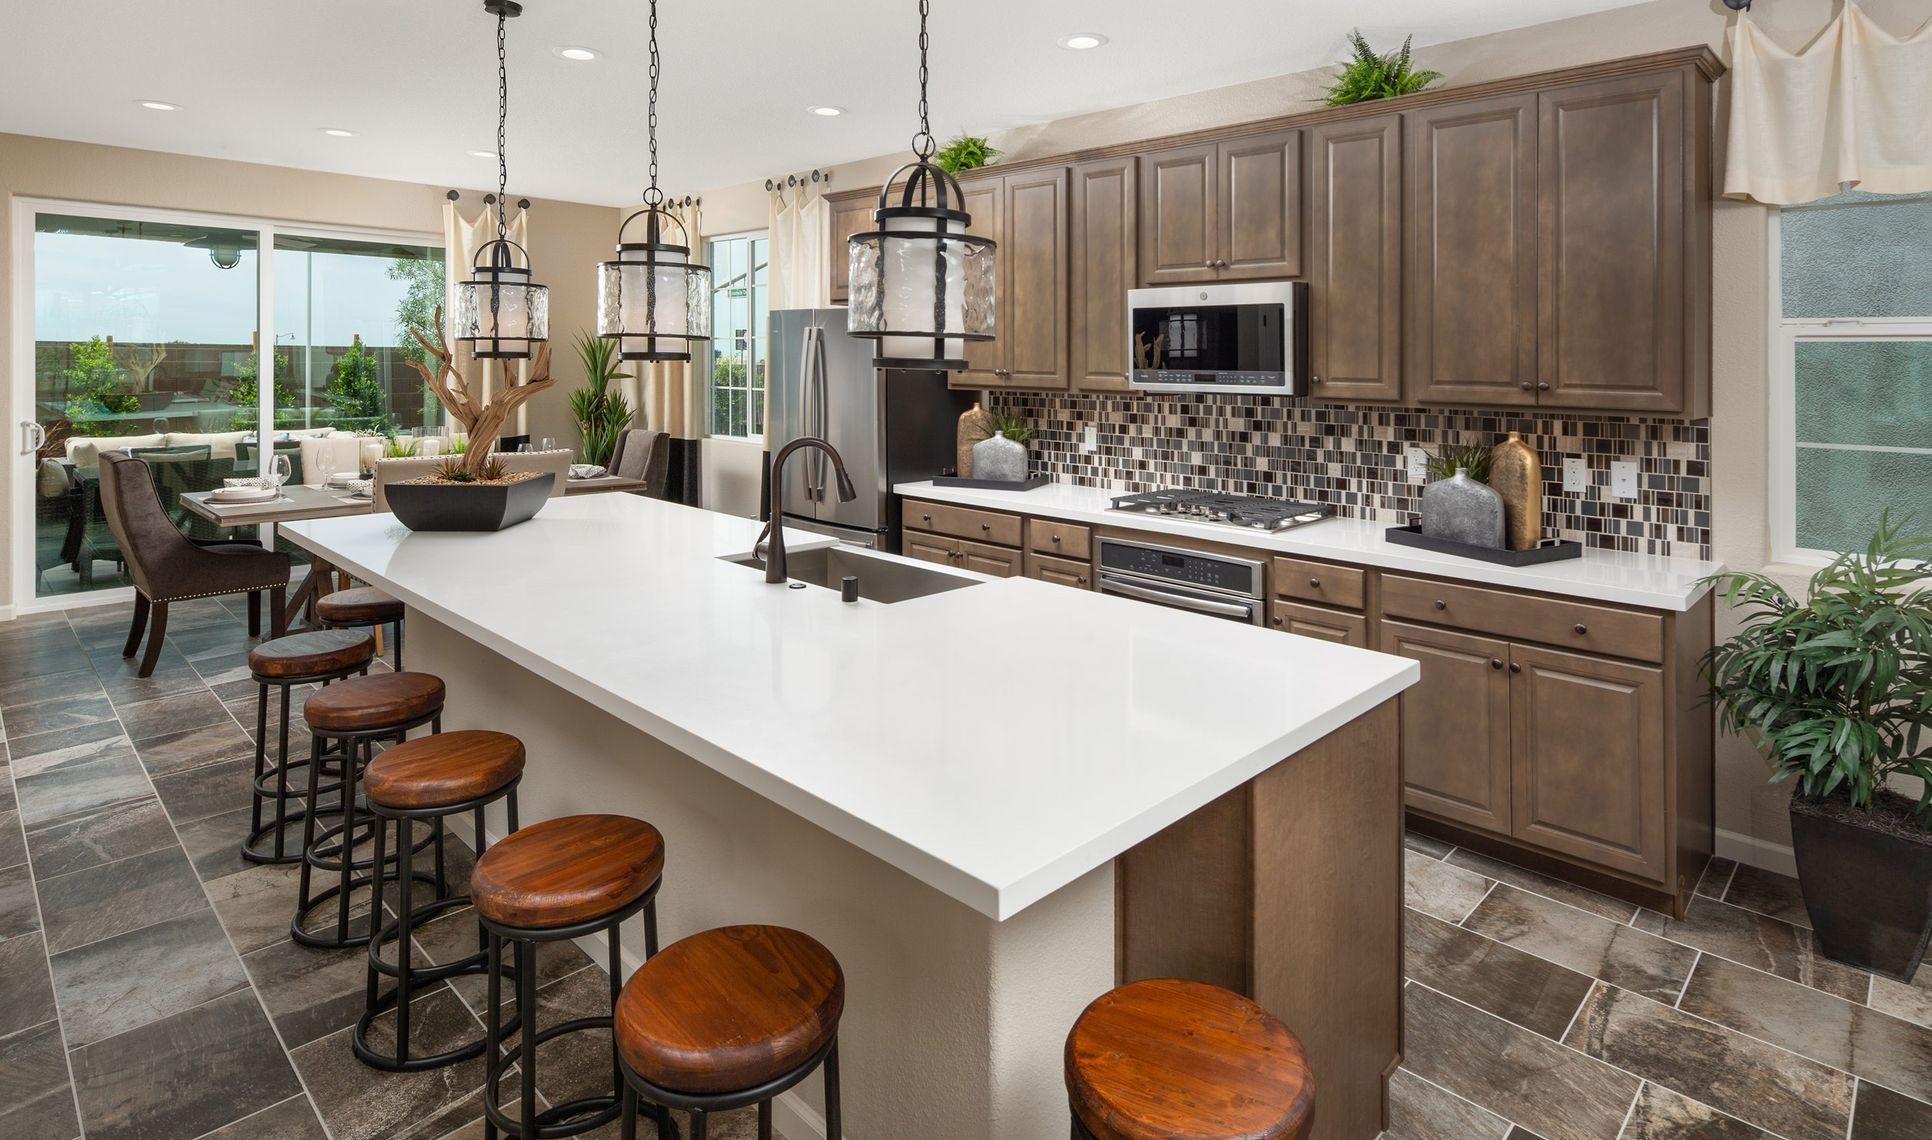 Interior:Designer kitchen with large island